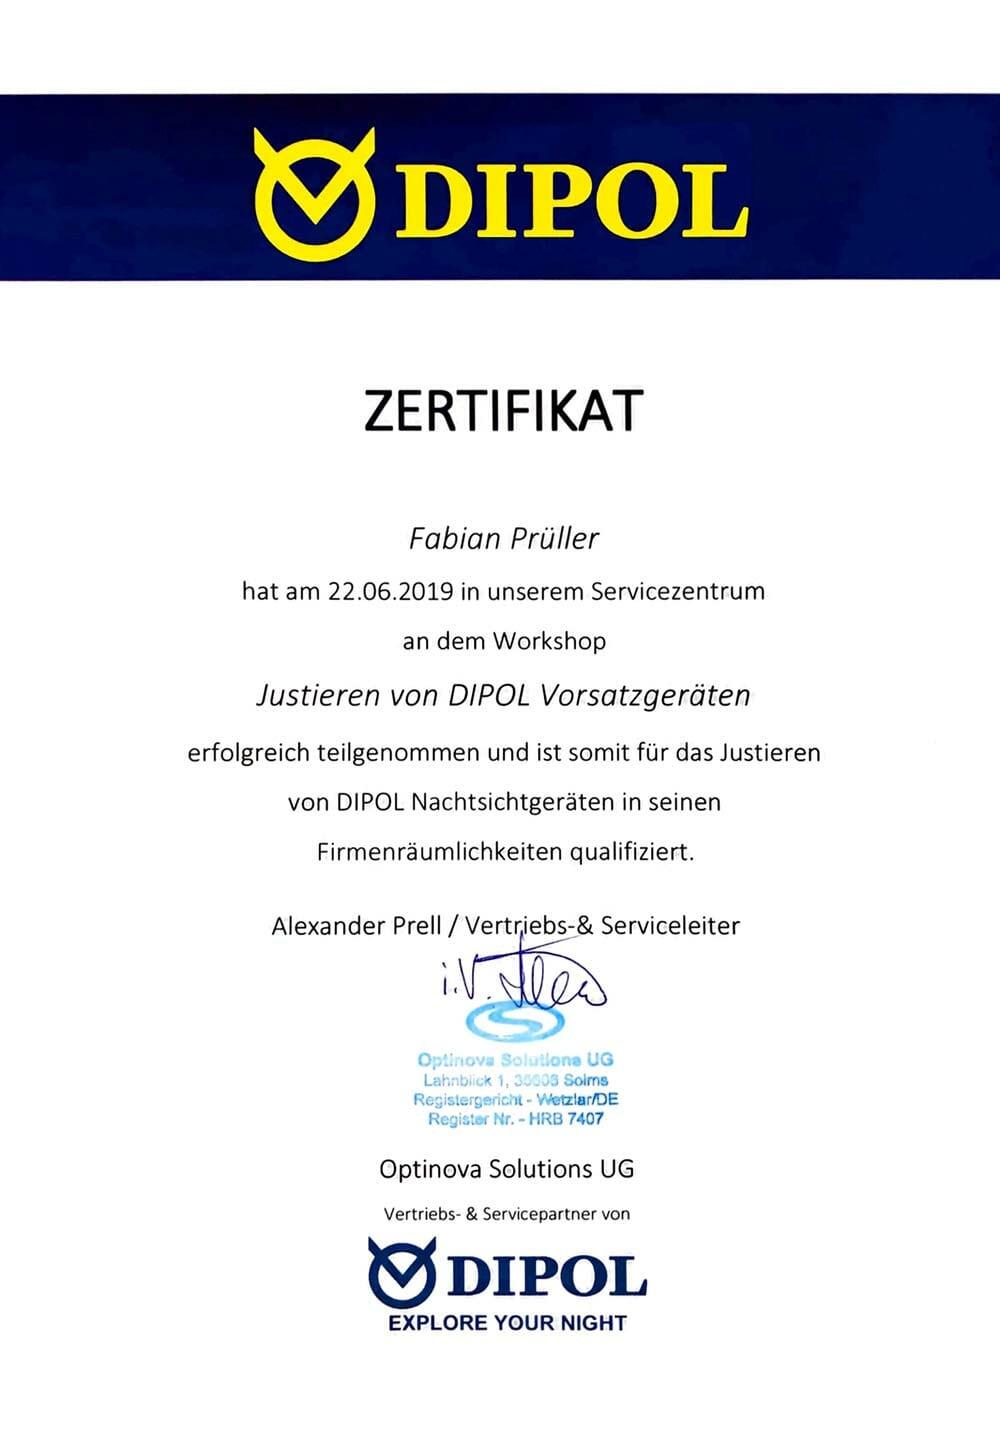 Jagdfux Zertifikat Dipol Justierung